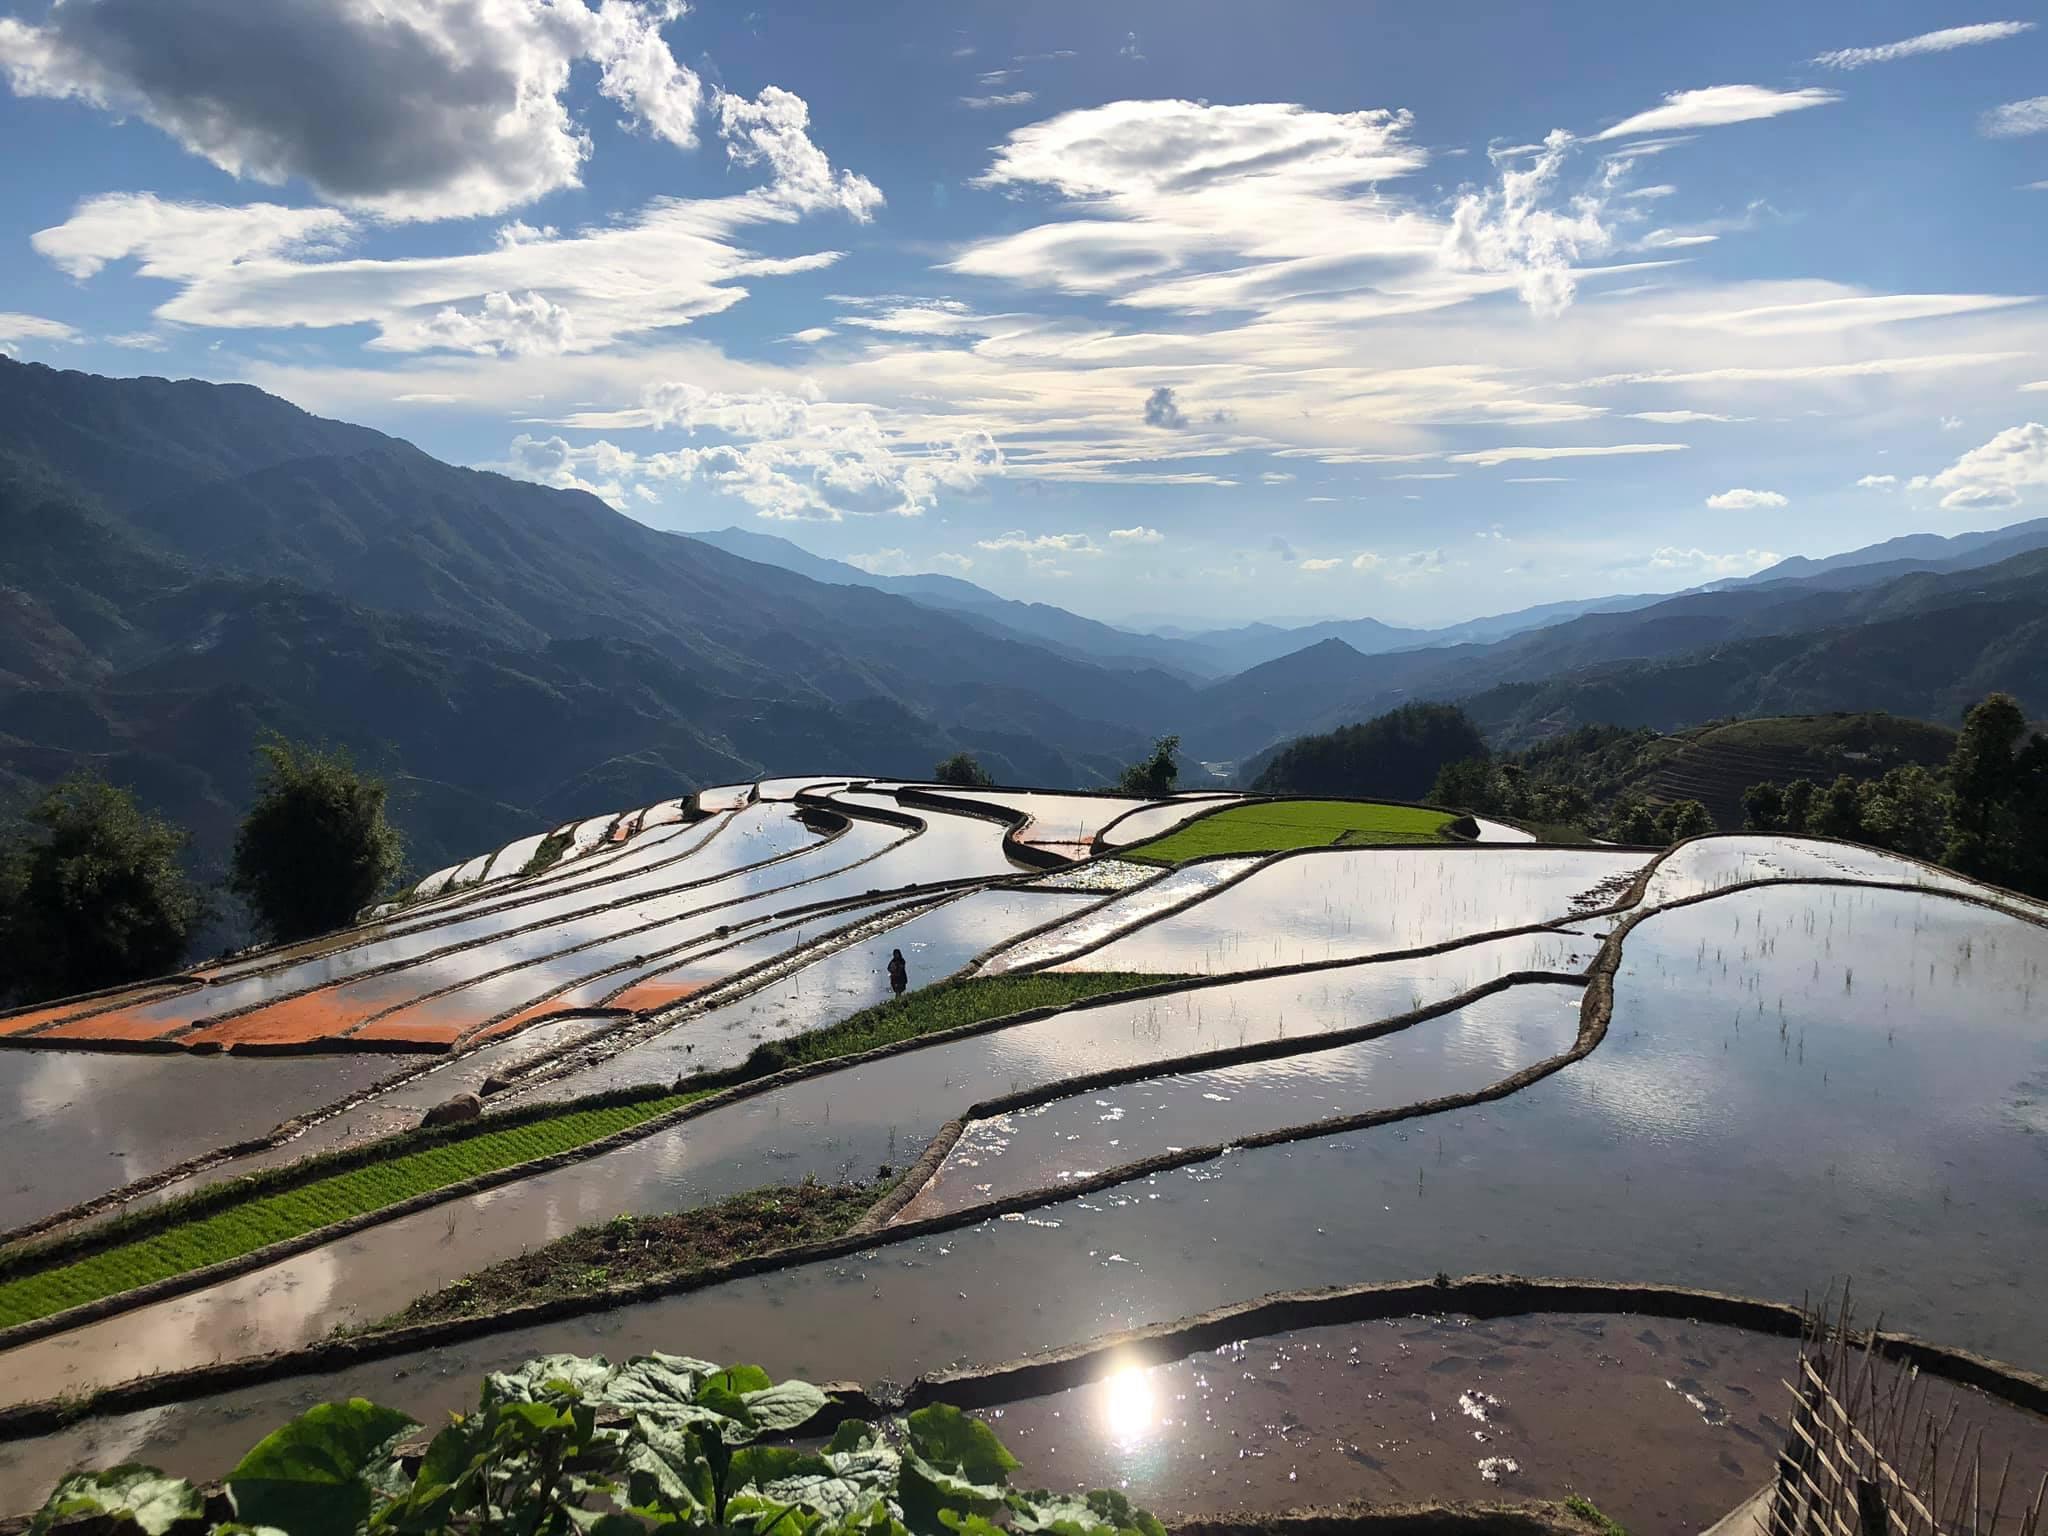 Mu-cang-chai-sapa-mua-nuoc-do-diem-den-an-toan-sau-mua-dich-covid19-vietmountain-travel7